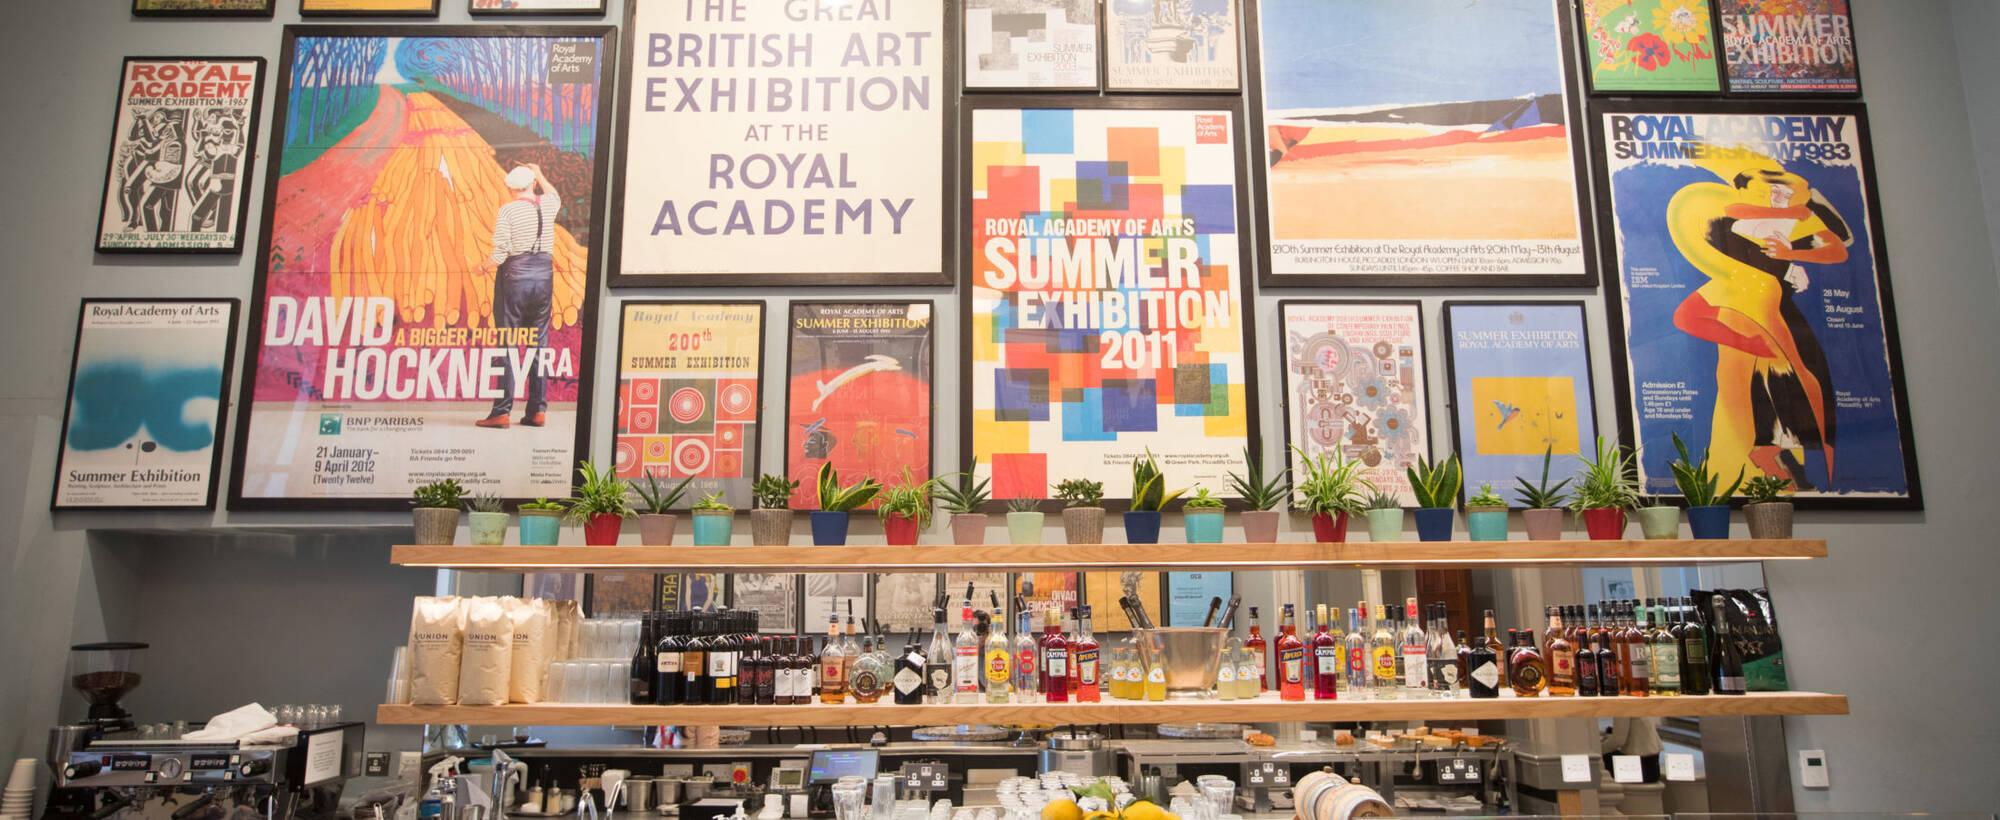 Poster bar David Parry Royal Academy of Arts